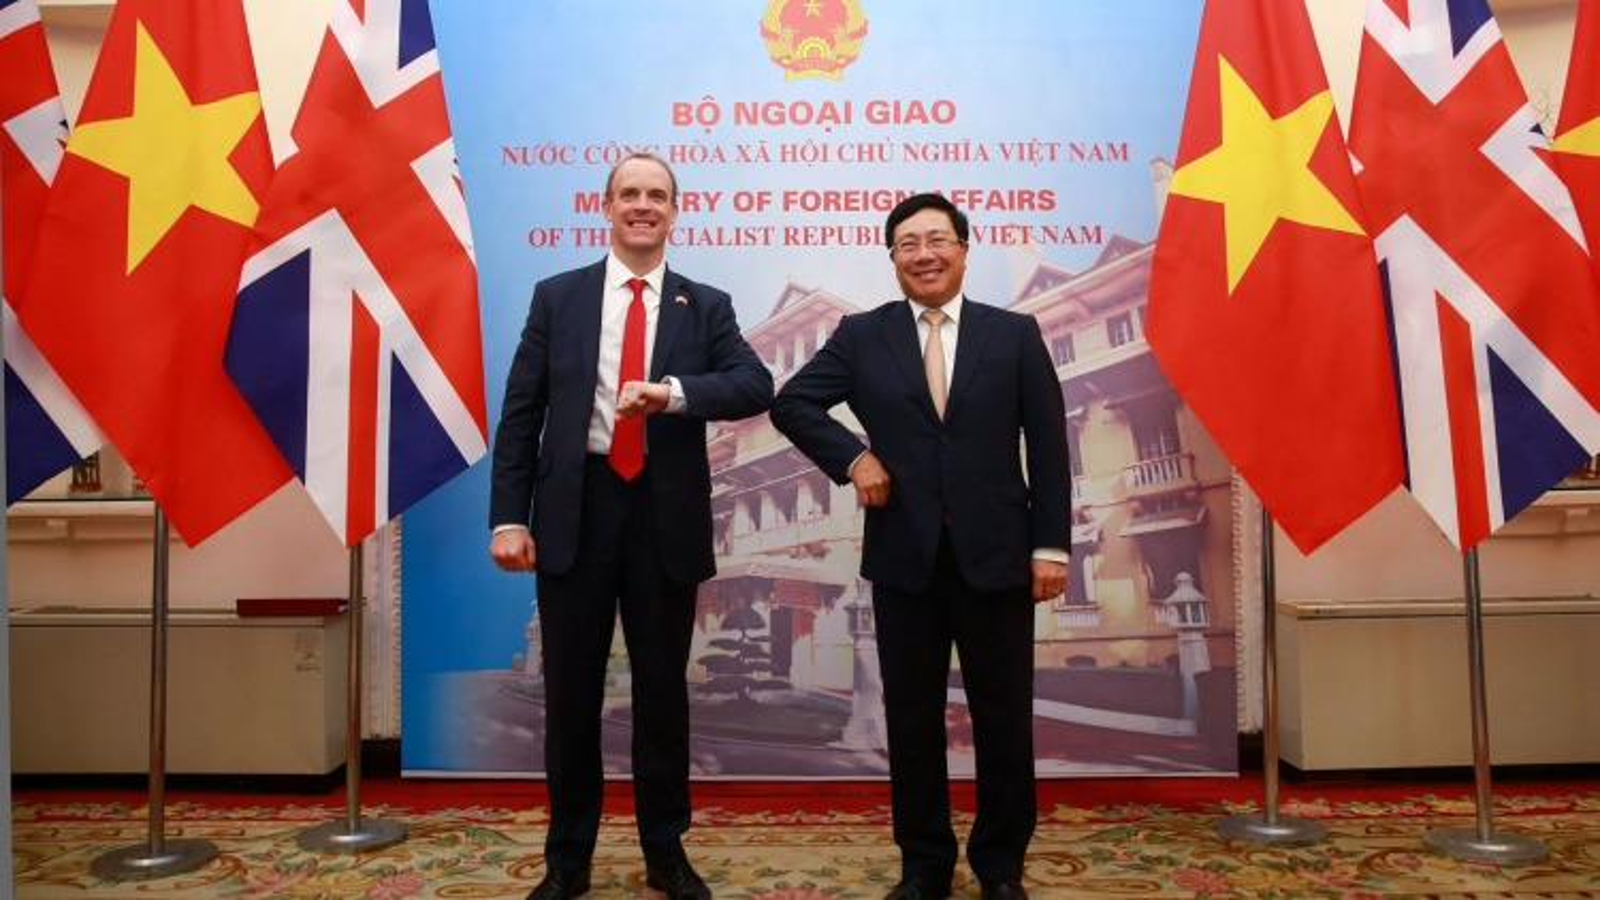 Anh mong muốn thúc đẩy quan hệ Đối tác chiến lược hiệu quả với Việt Nam